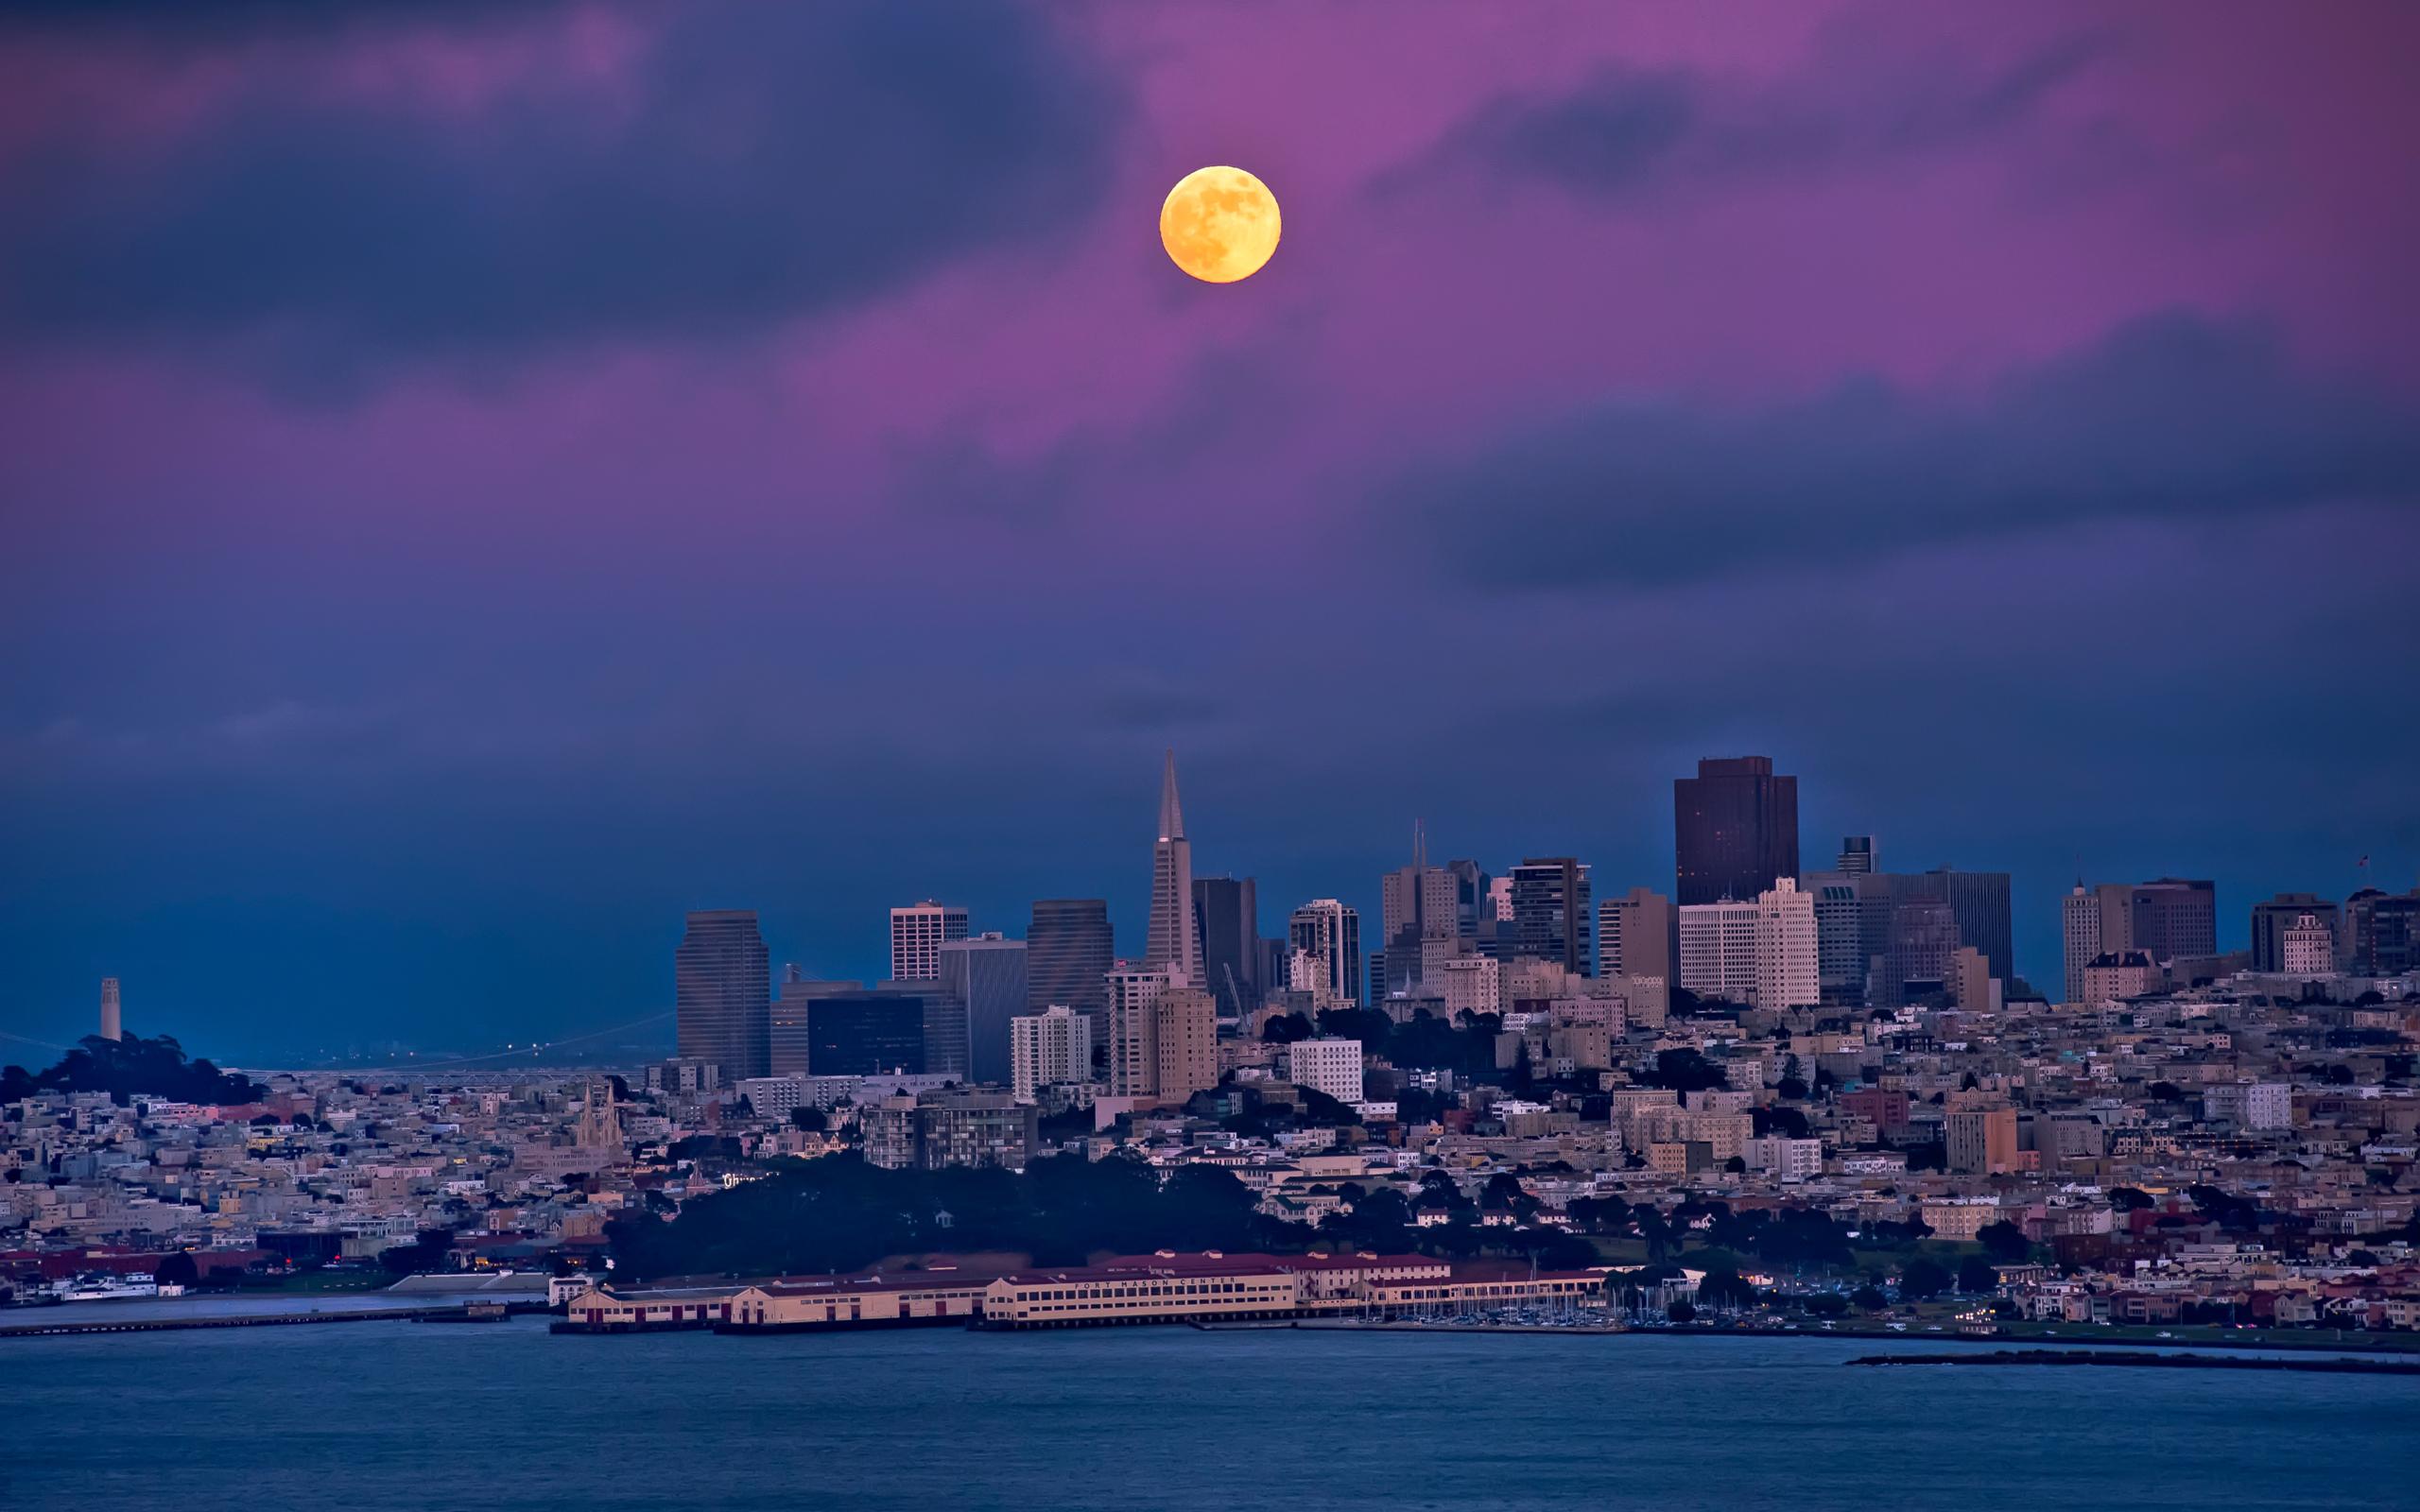 луна над городом  № 1456769 без смс